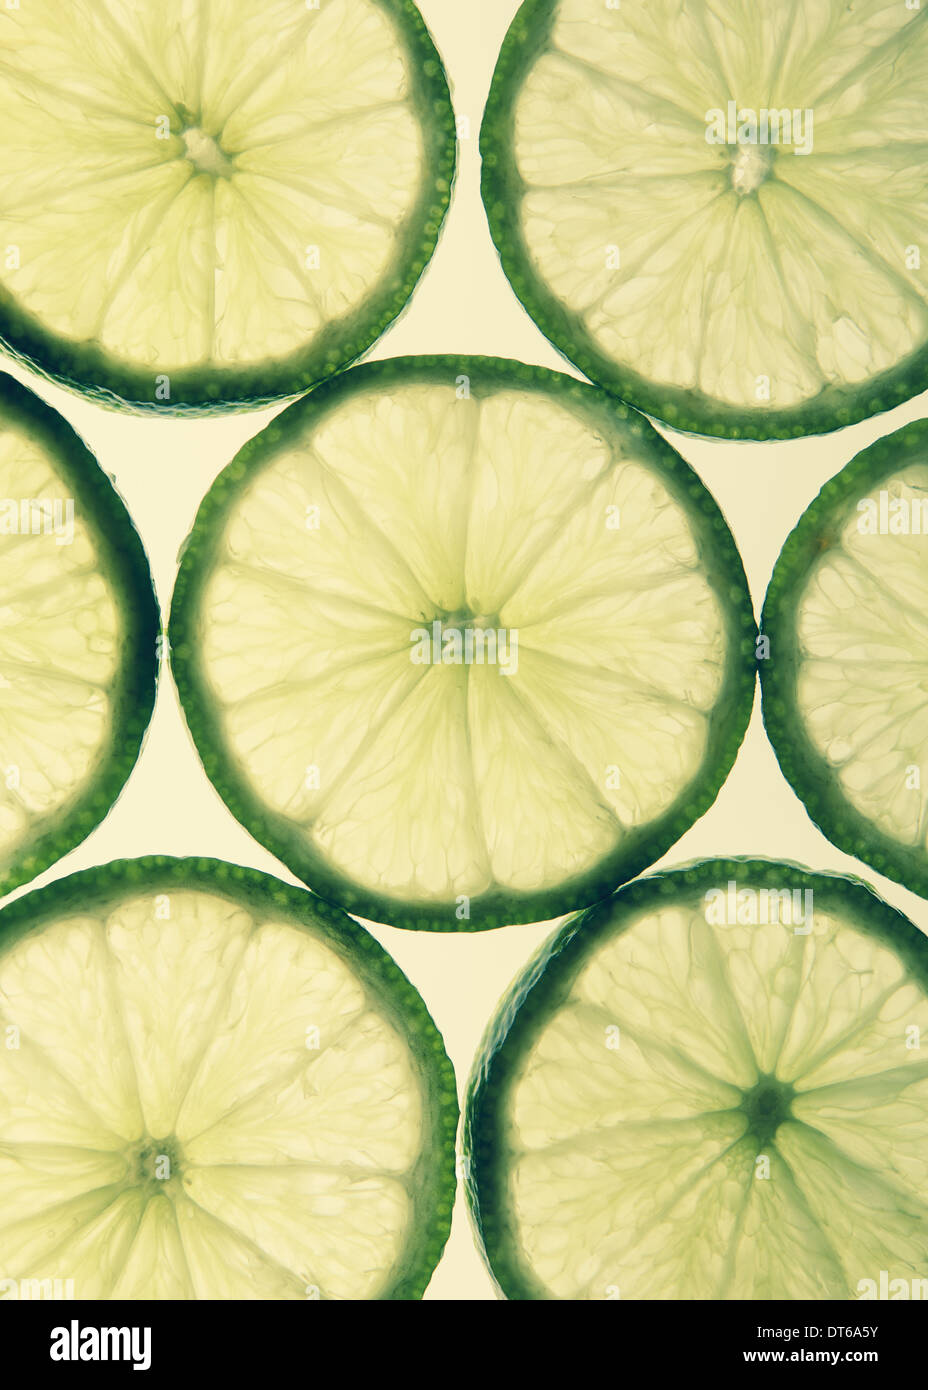 Organici di fettine di lime su sfondo bianco Immagini Stock